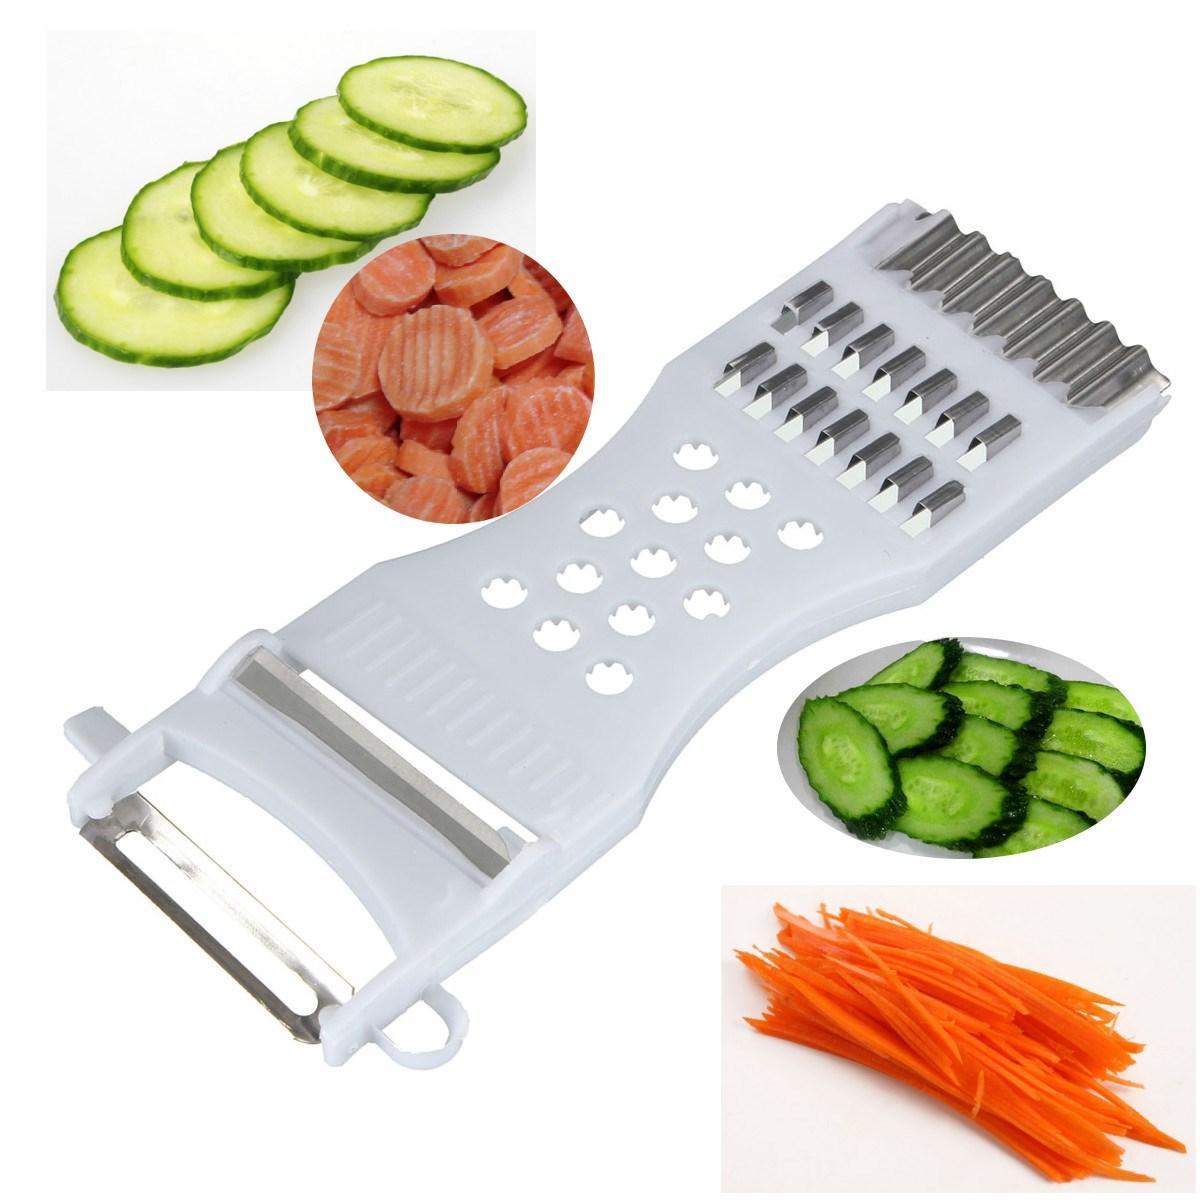 Best Promotion Grater Slicer Fruit Vegetable Tools Graters Peelers ...